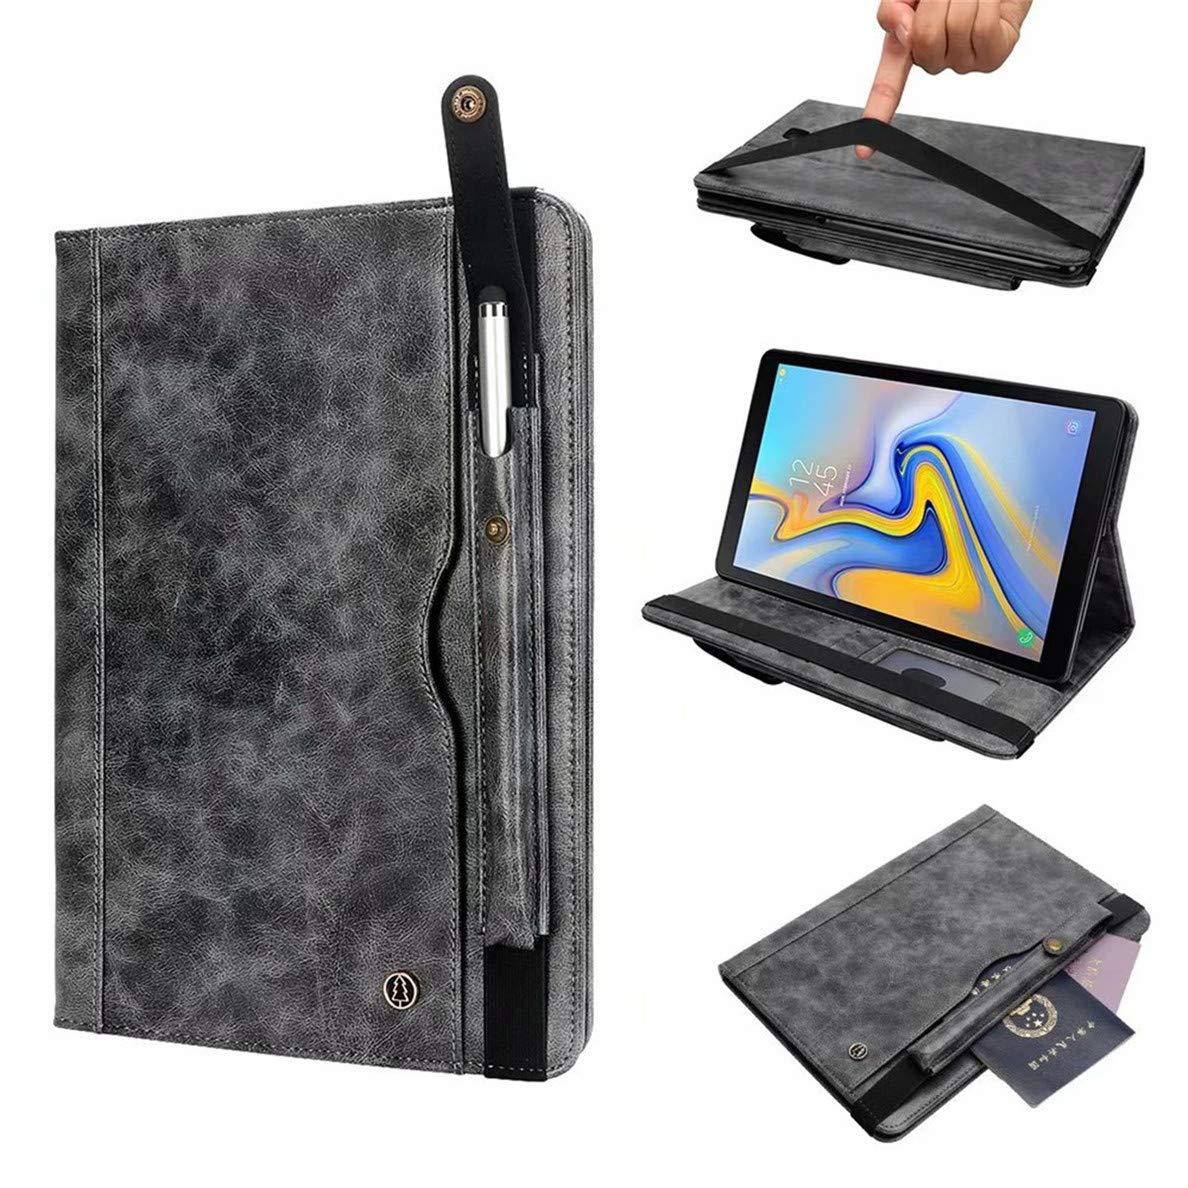 【2019 新作】 Hfly 2018 iPad Pro Pro 12.9用ケース[2017年および2015年版には適合しません] - iPad iPad Pro Hfly 12.9インチ用ウォレット保護ケース フリップ耐衝撃シェルカバー ペンホルダー付き LY-CA-9628 グレー B07KT73PS8, アマクサグン:a0eb57b5 --- a0267596.xsph.ru